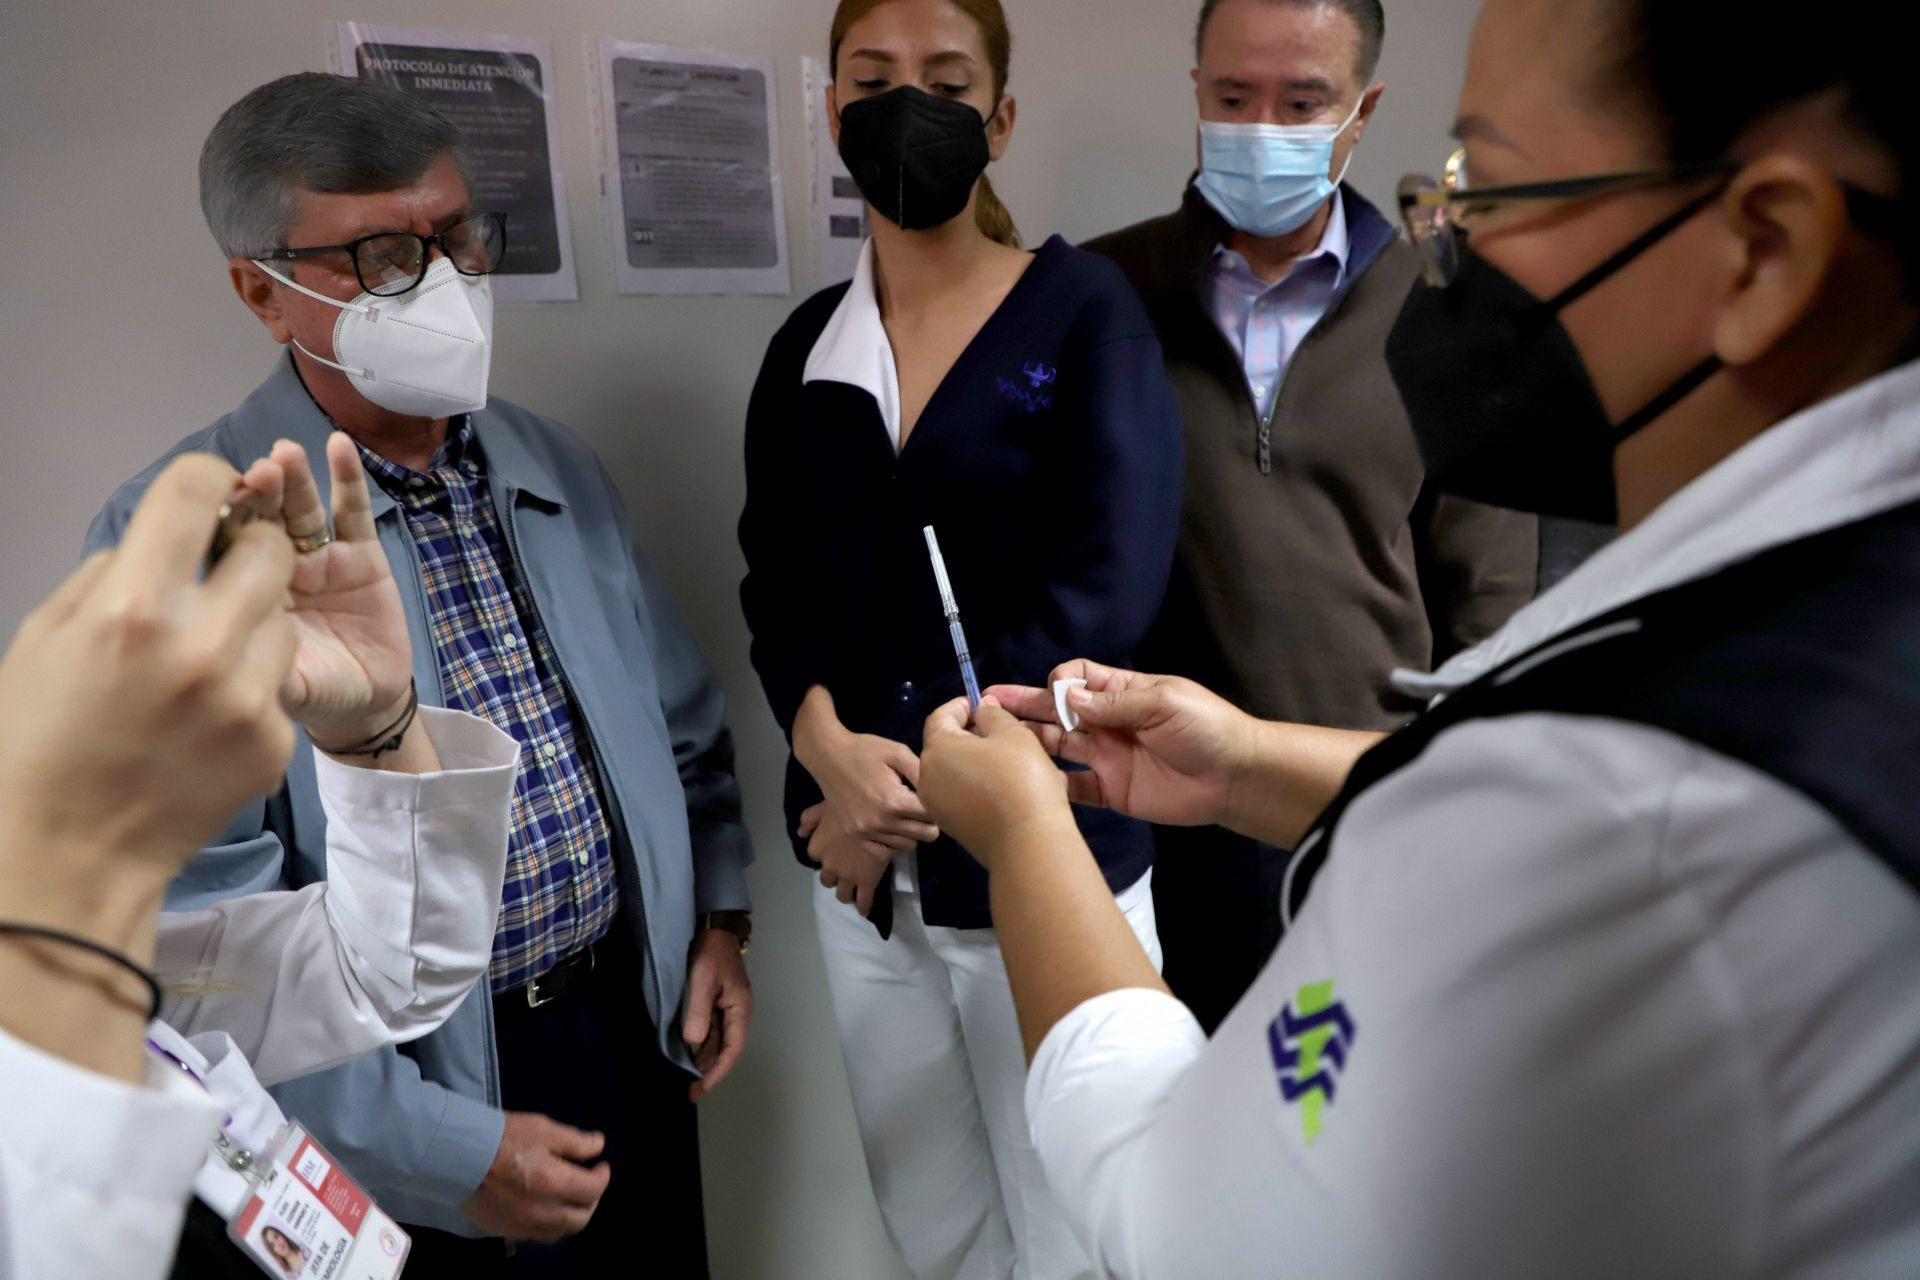 Daniela Castro, enfermera asignada al área de vacunas del Hospital de la Mujer en Culiacán, fue la primer integrante del Ejército blanco a la cual se le aplicó la vacuna contra el Covid-19. El Gobierno de México envió ayer el primer paquete de 8 mil 800 vacunas y hoy en la mañana inició el programa de vacunación en dicho hospital. Los primeros en recibir la dosis contra el virus será el personal médico de 26 unidades médicas del estado. Culiacán, México. 13 de enero de 2021.